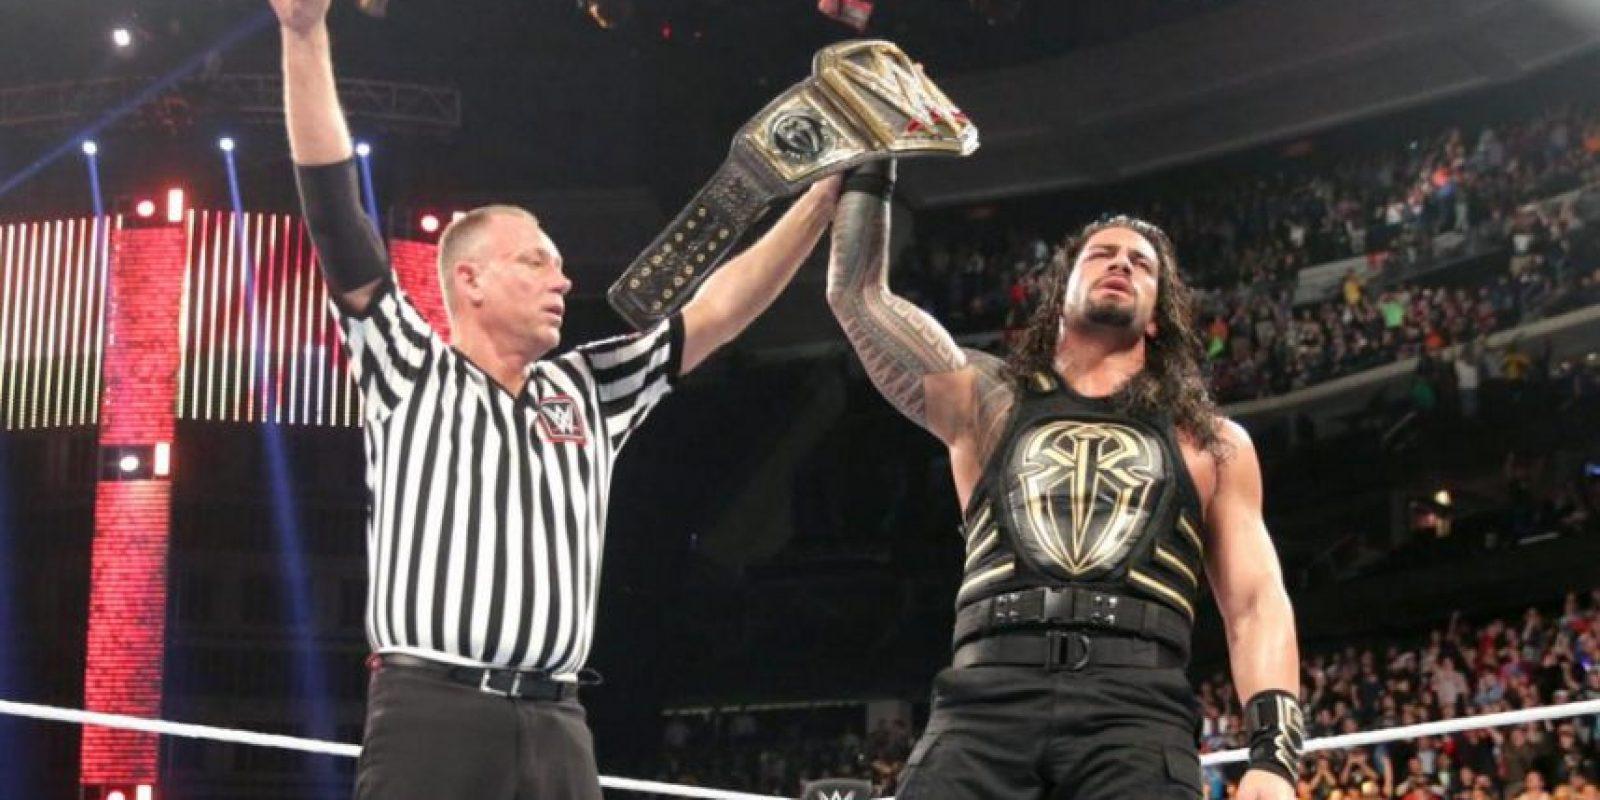 Roman Reigns venció a AJ Styles y retuvo el Campeonato Mundial de Peso Pesado de WWE Foto:WWE